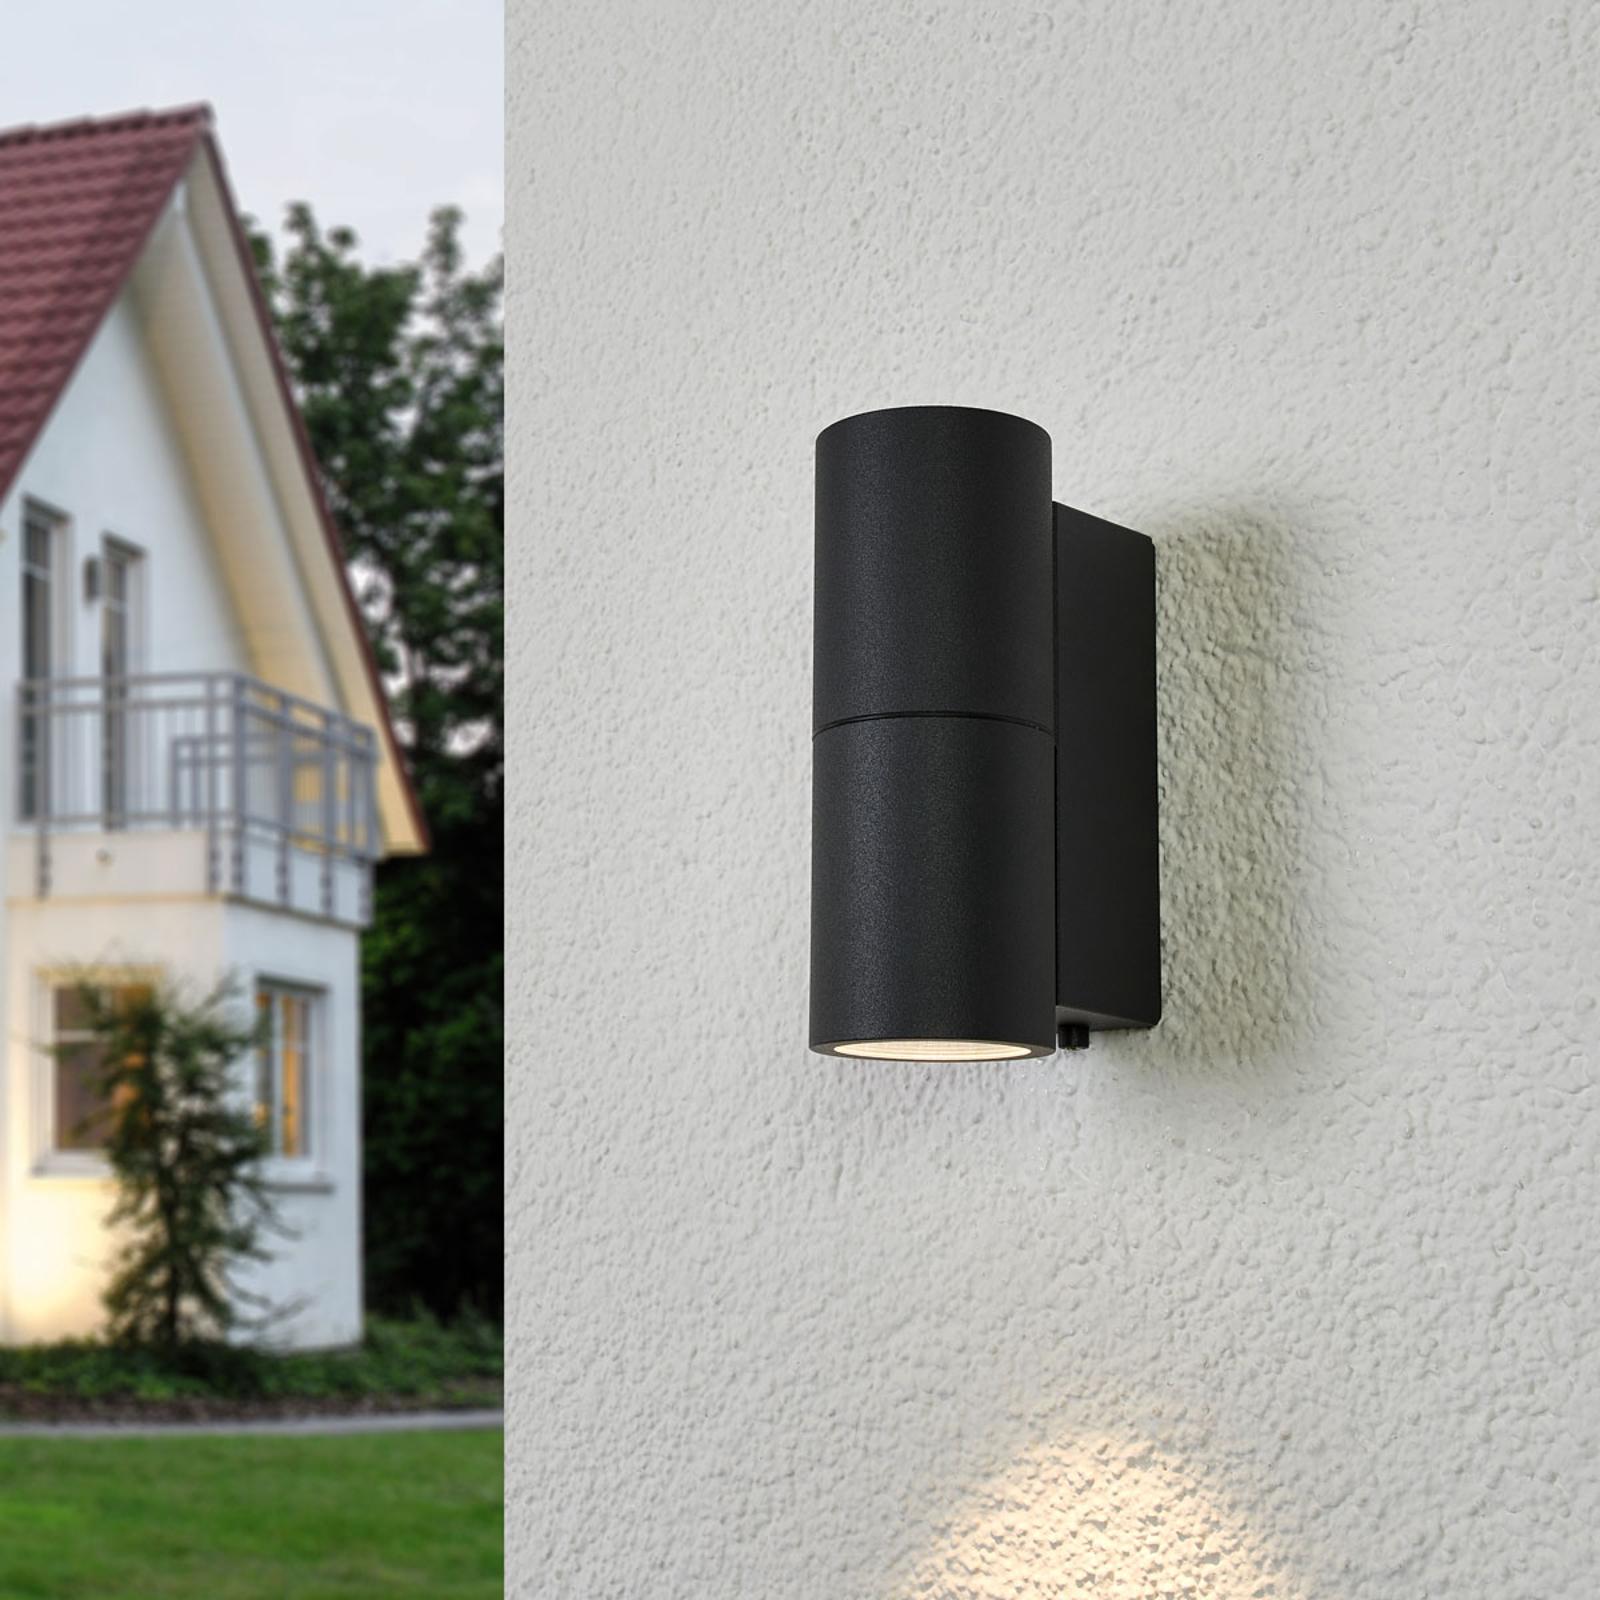 BEGA 66649K3 wall lamp graphite 3,000 K 1-sided_1566024_1